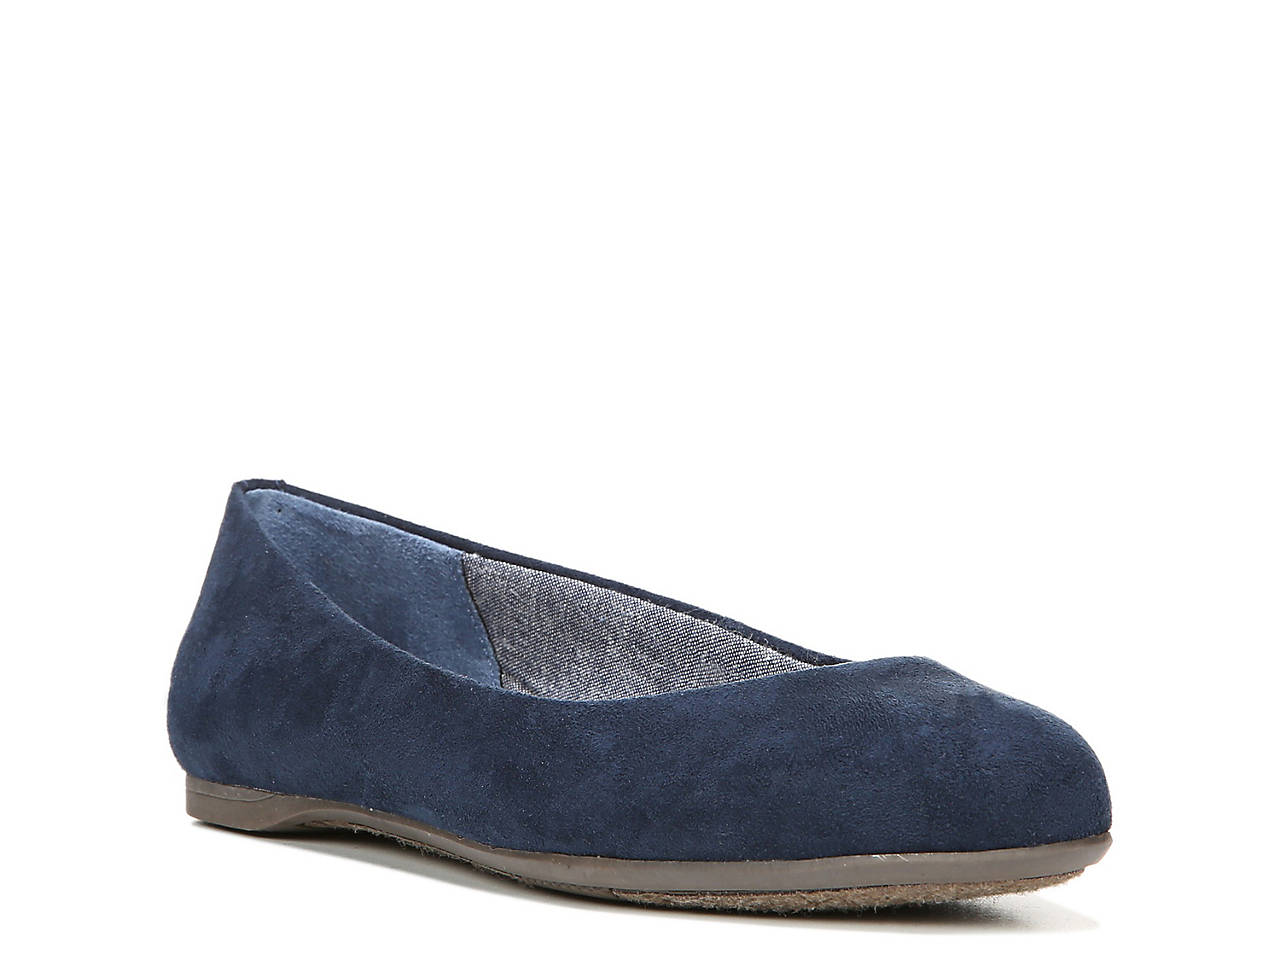 0473efc29fb7 Dr. Scholl s Giorgie Ballet Flat Women s Shoes